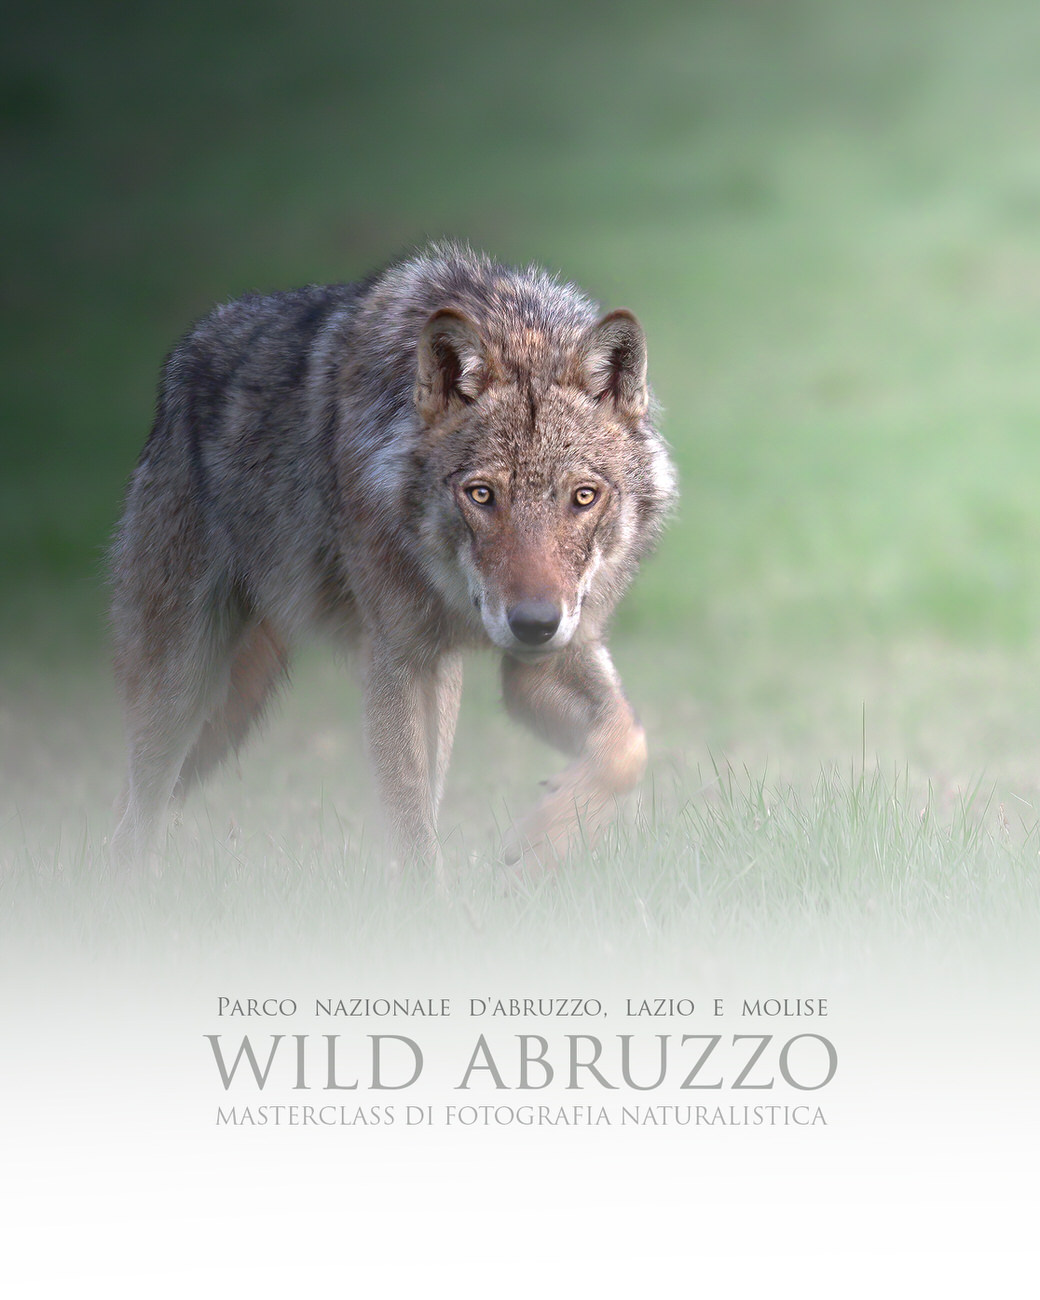 MasterClass di fotografia naturalistica -wild-abruzzo